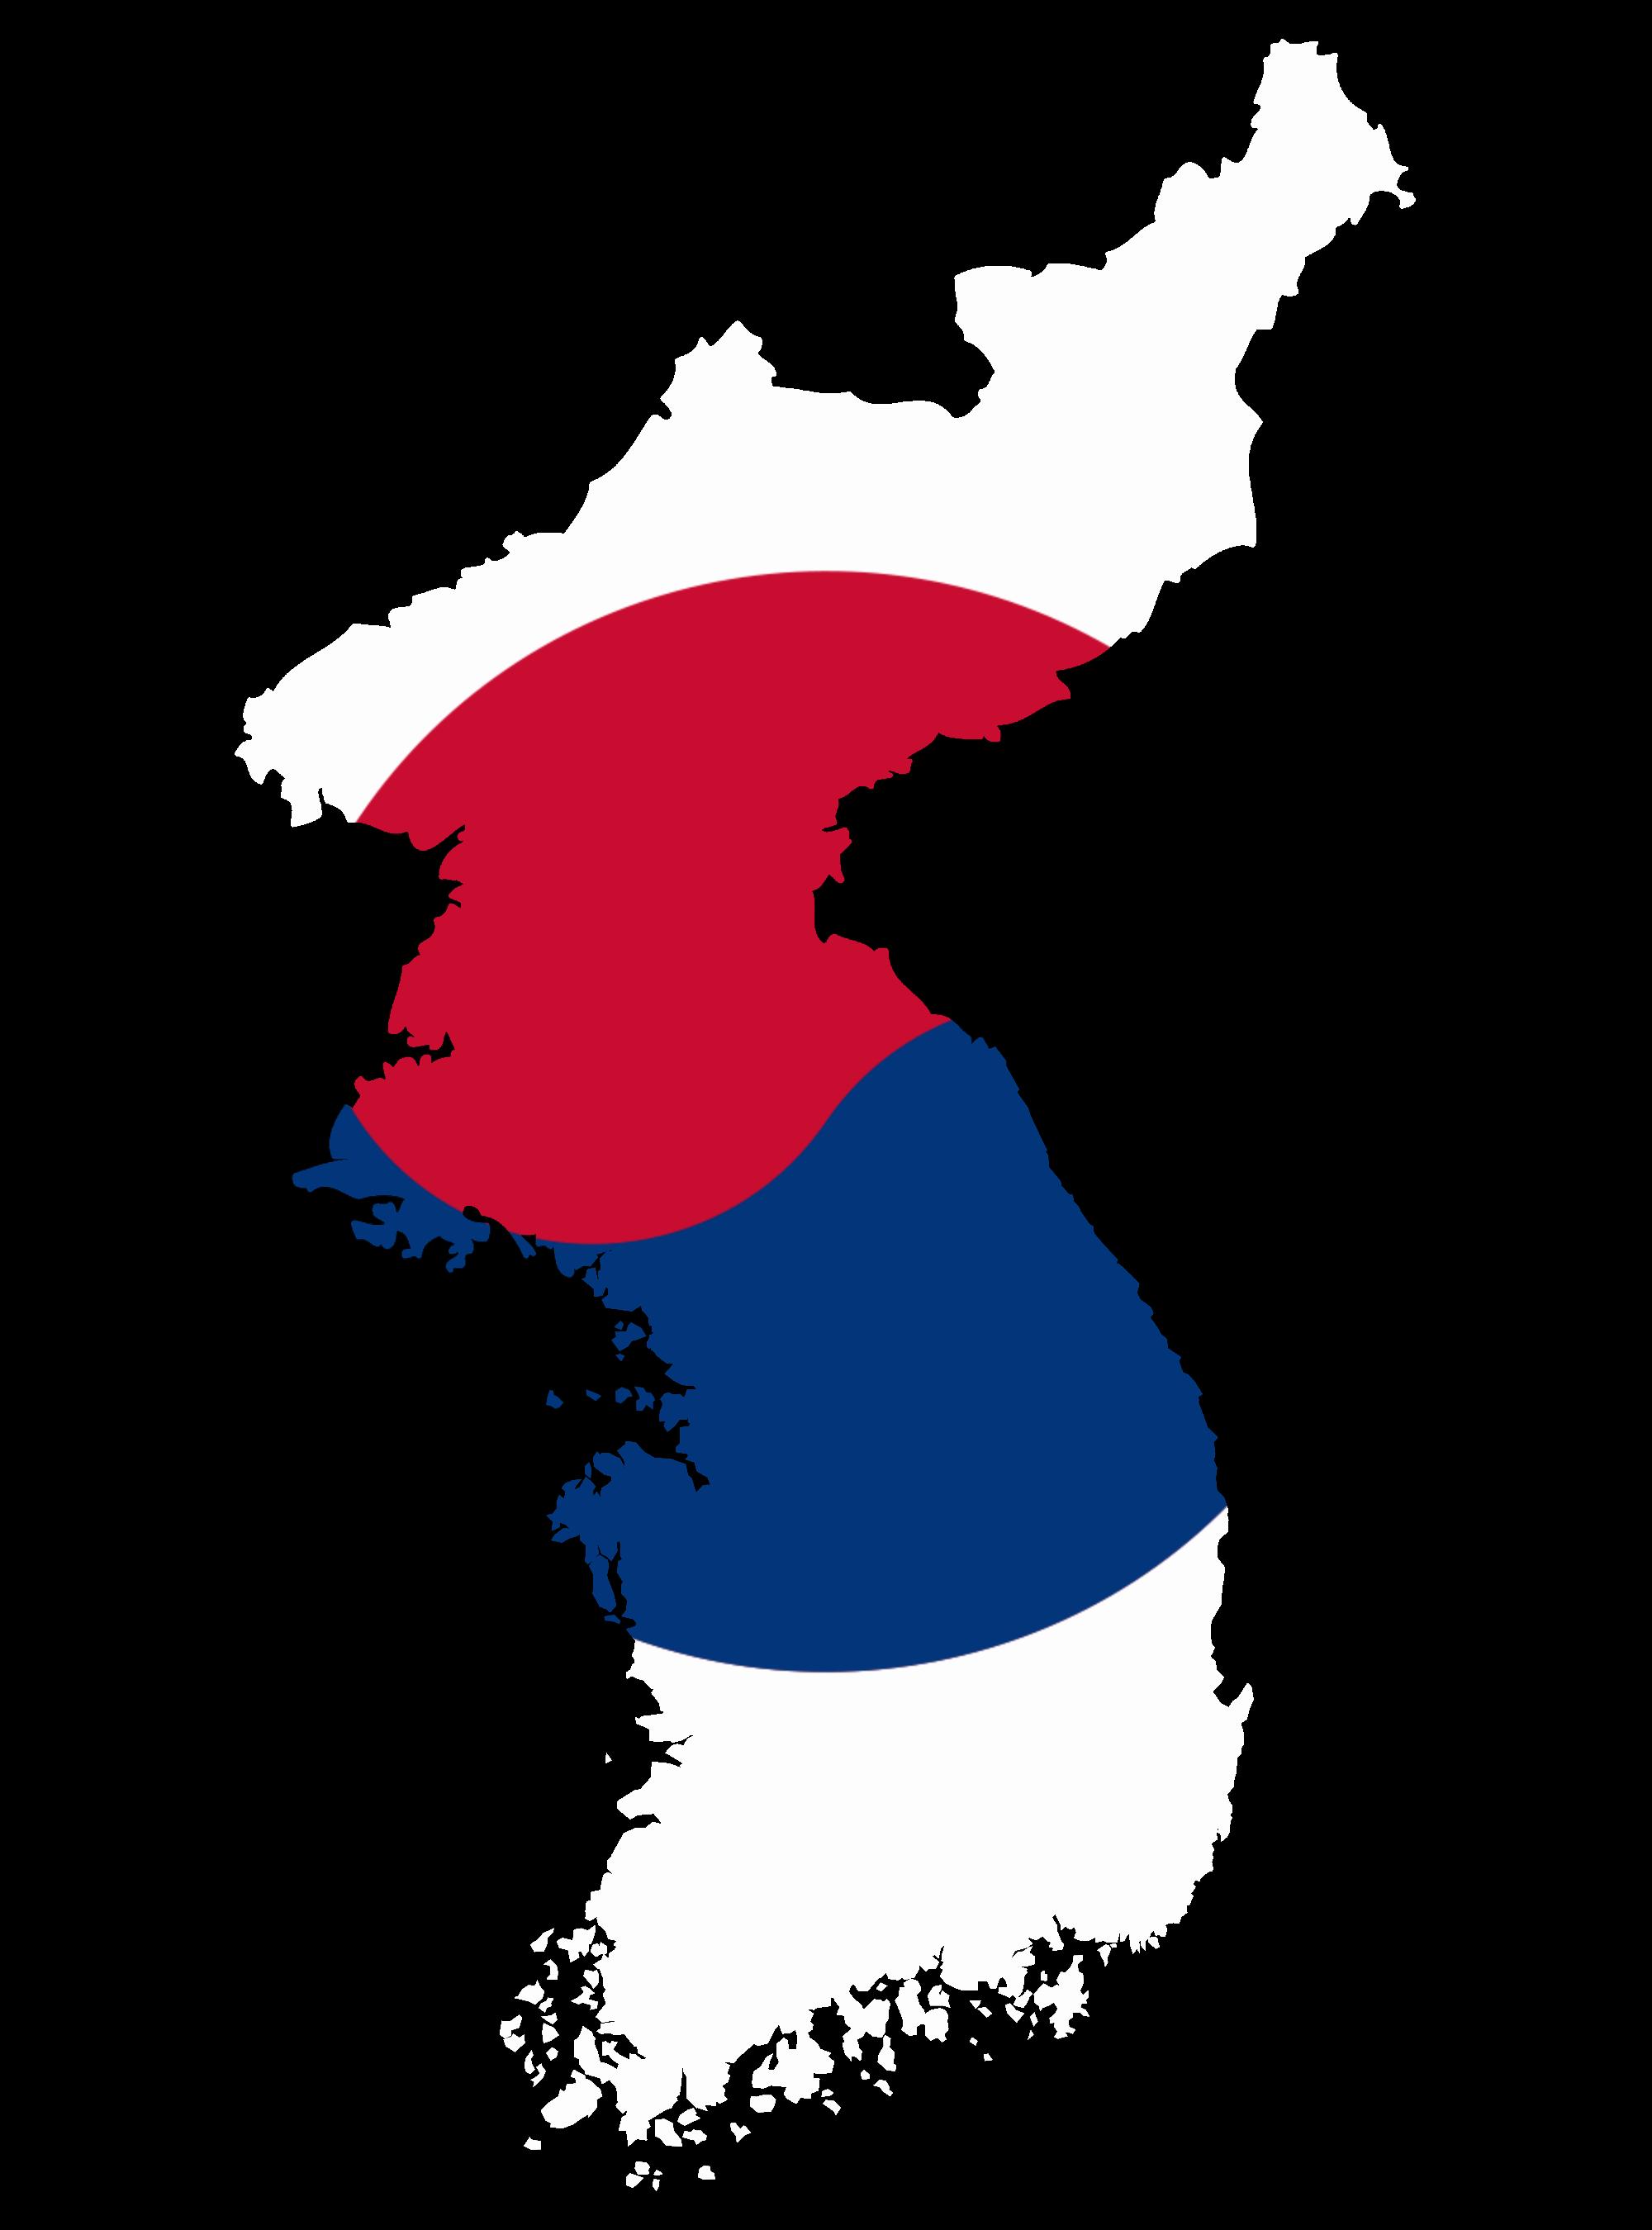 File:Flag map of Korea (South Korea).png.